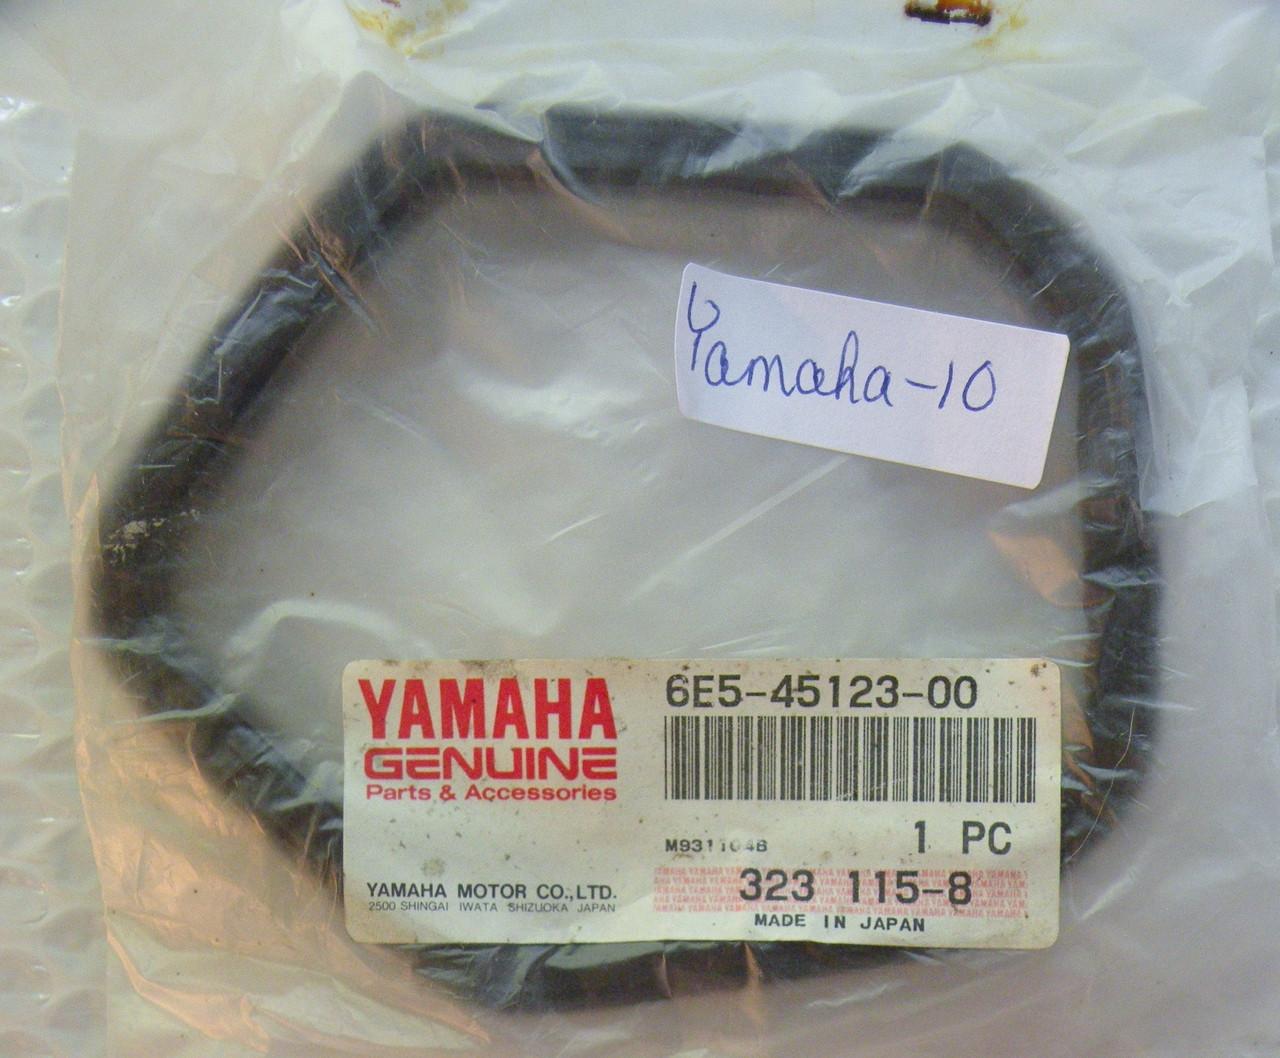 Yamaha Part # 6E5-45123-00-00 Muffler Gasket